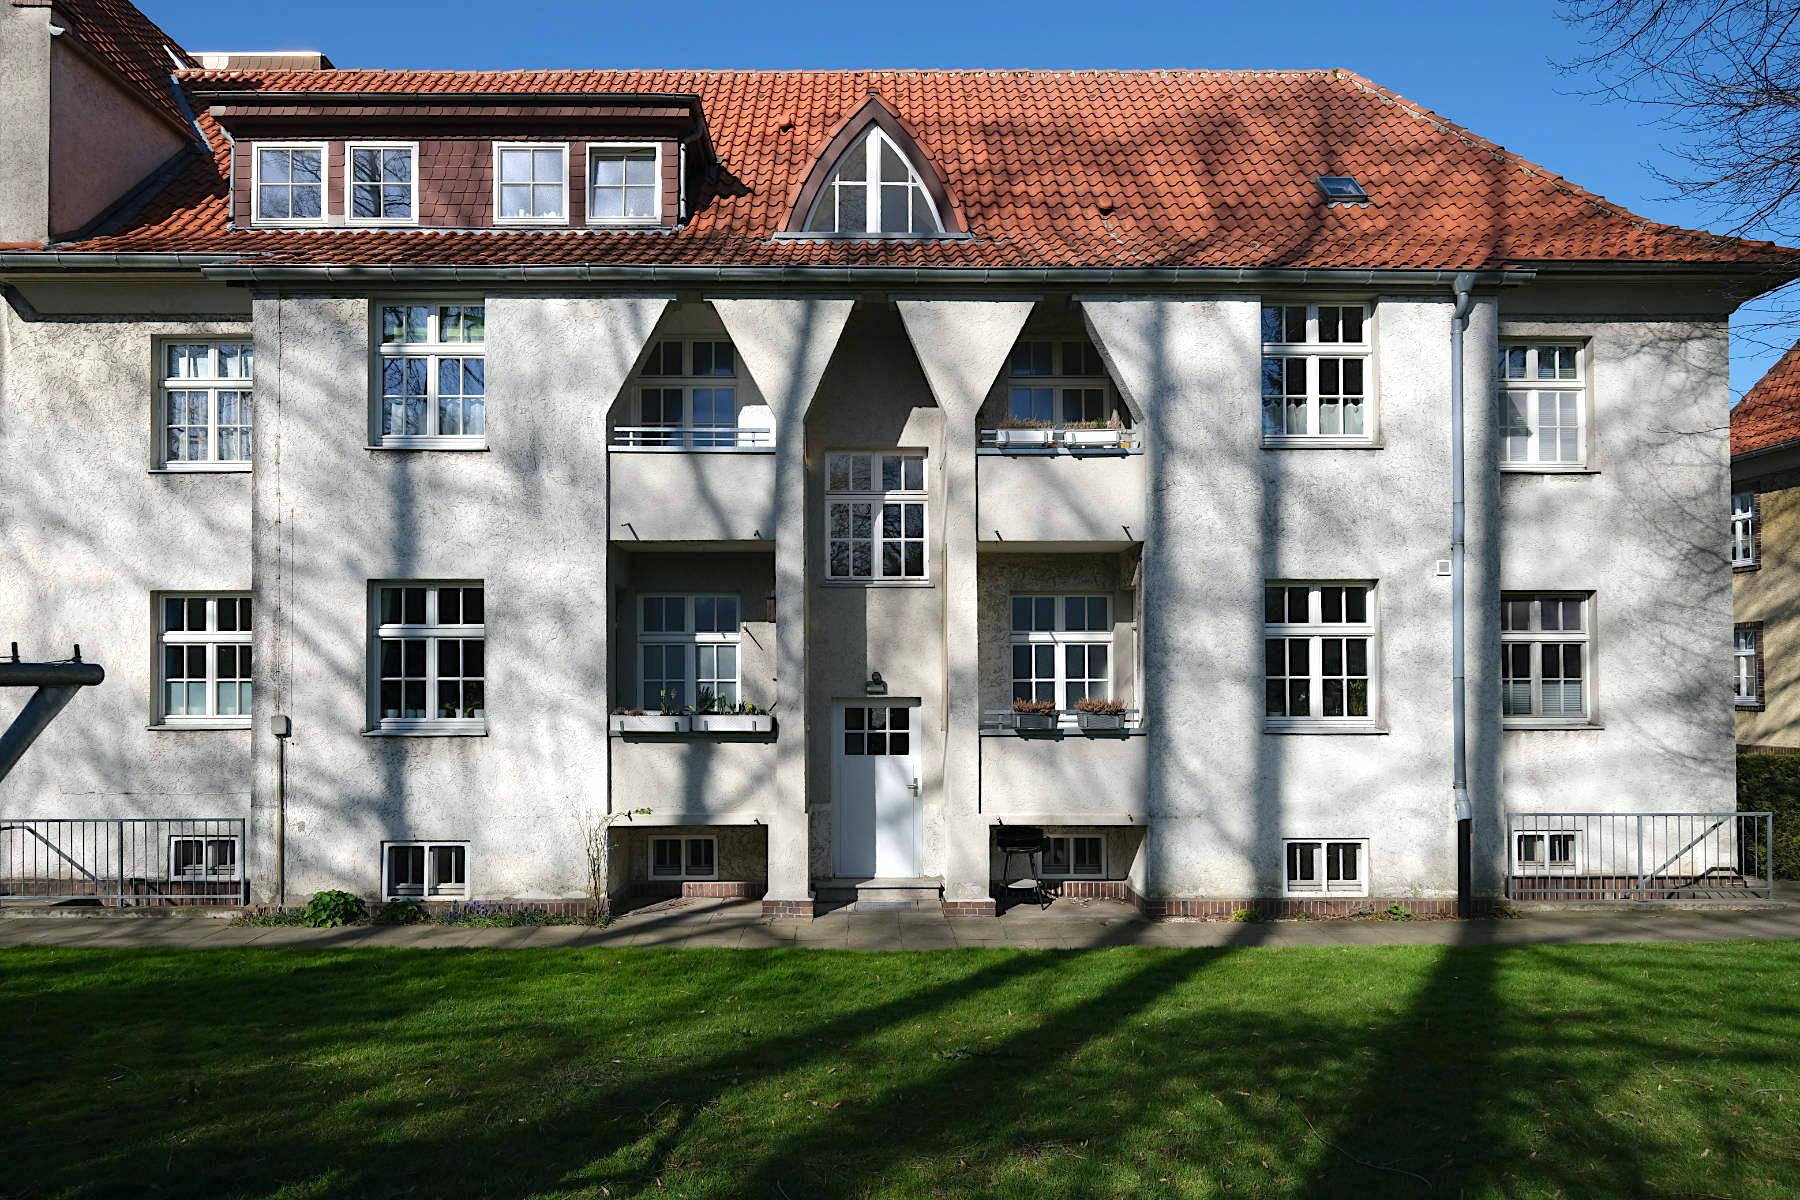 Siedlung Im Siekerfelde. Sportvereine des Bürgertums ließen keine Arbeiter in ihre Sporthallen, so dass diese ab 1911 ihre eigenen Sportstätten errichteten.